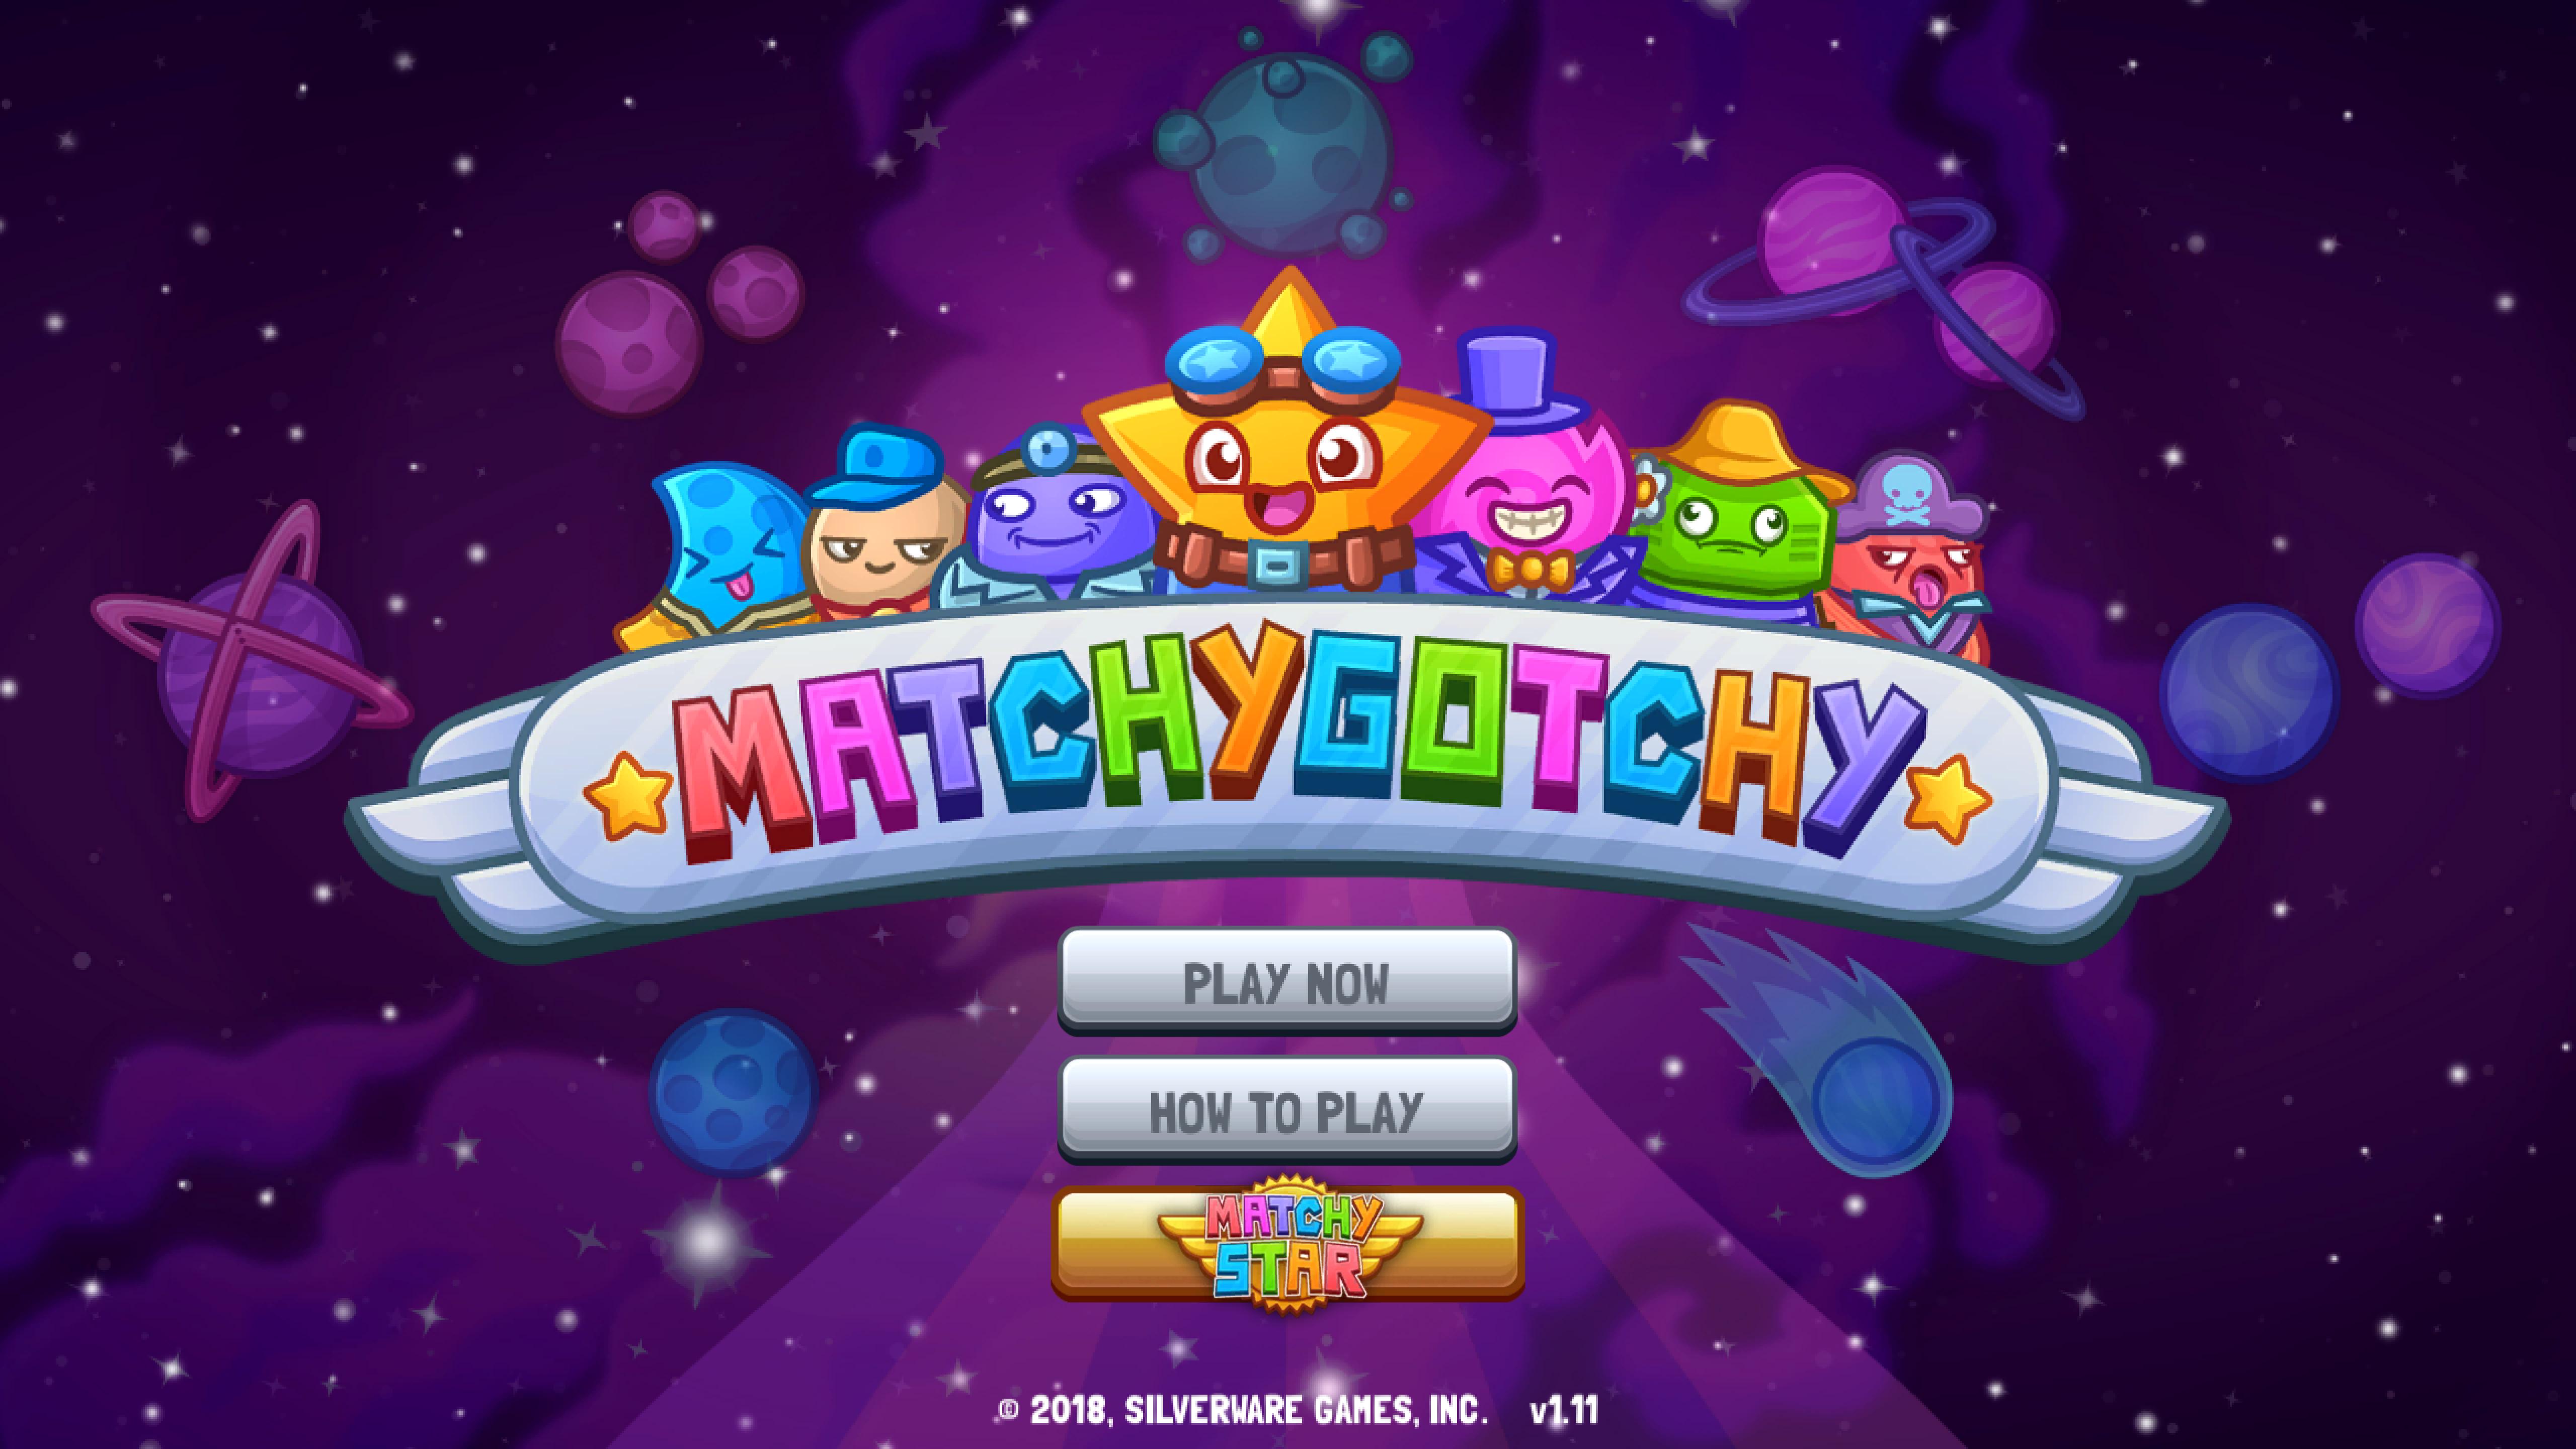 MatchyGotchy Splash